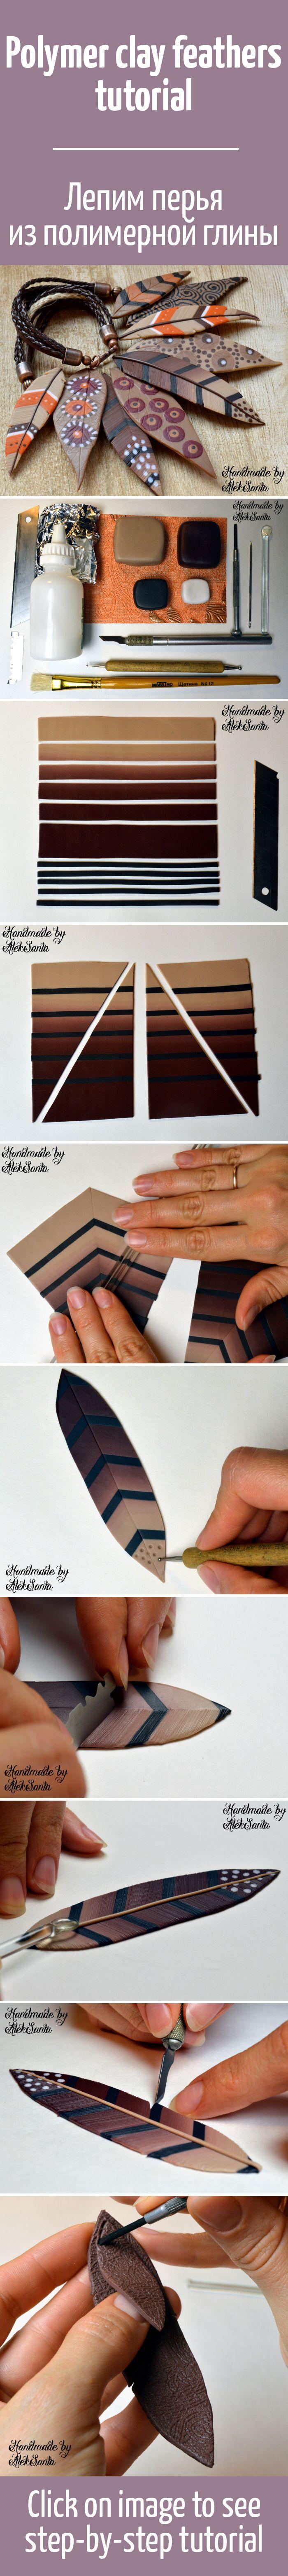 Лепим декоративные перья из полимерной глины / Polymer clay feathers tutorial